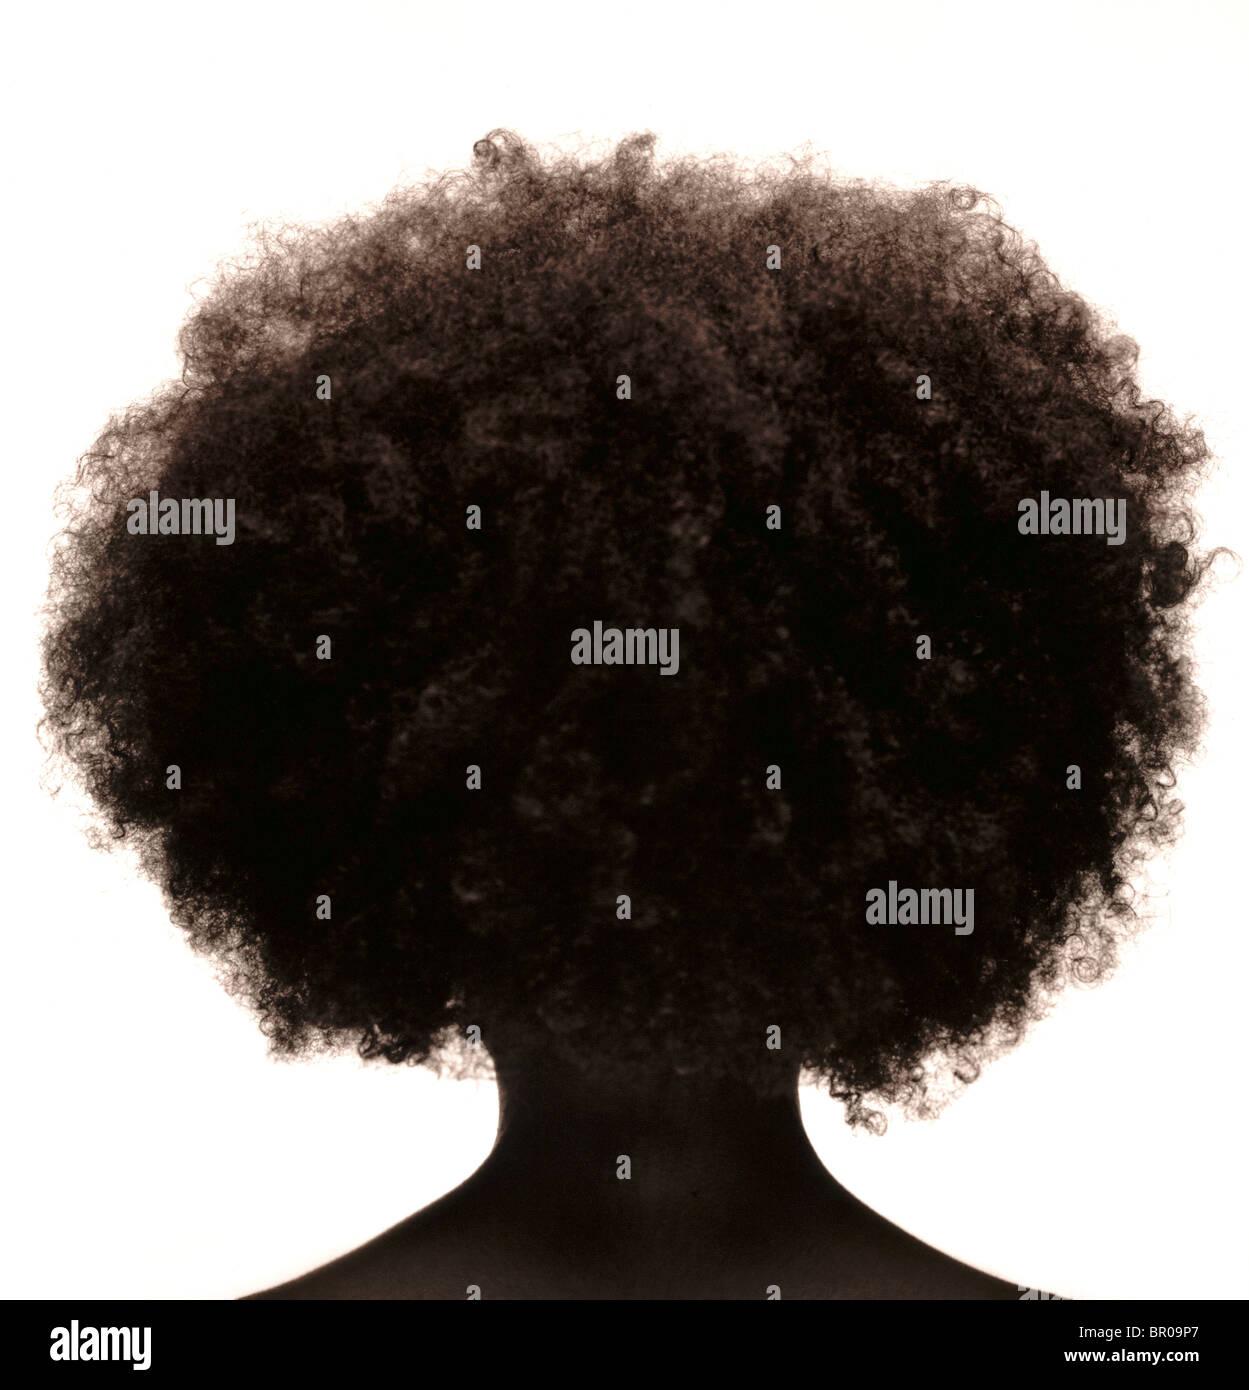 Silueta de Afroamericanos womans cabeza con cabello frizzy. Foto de stock